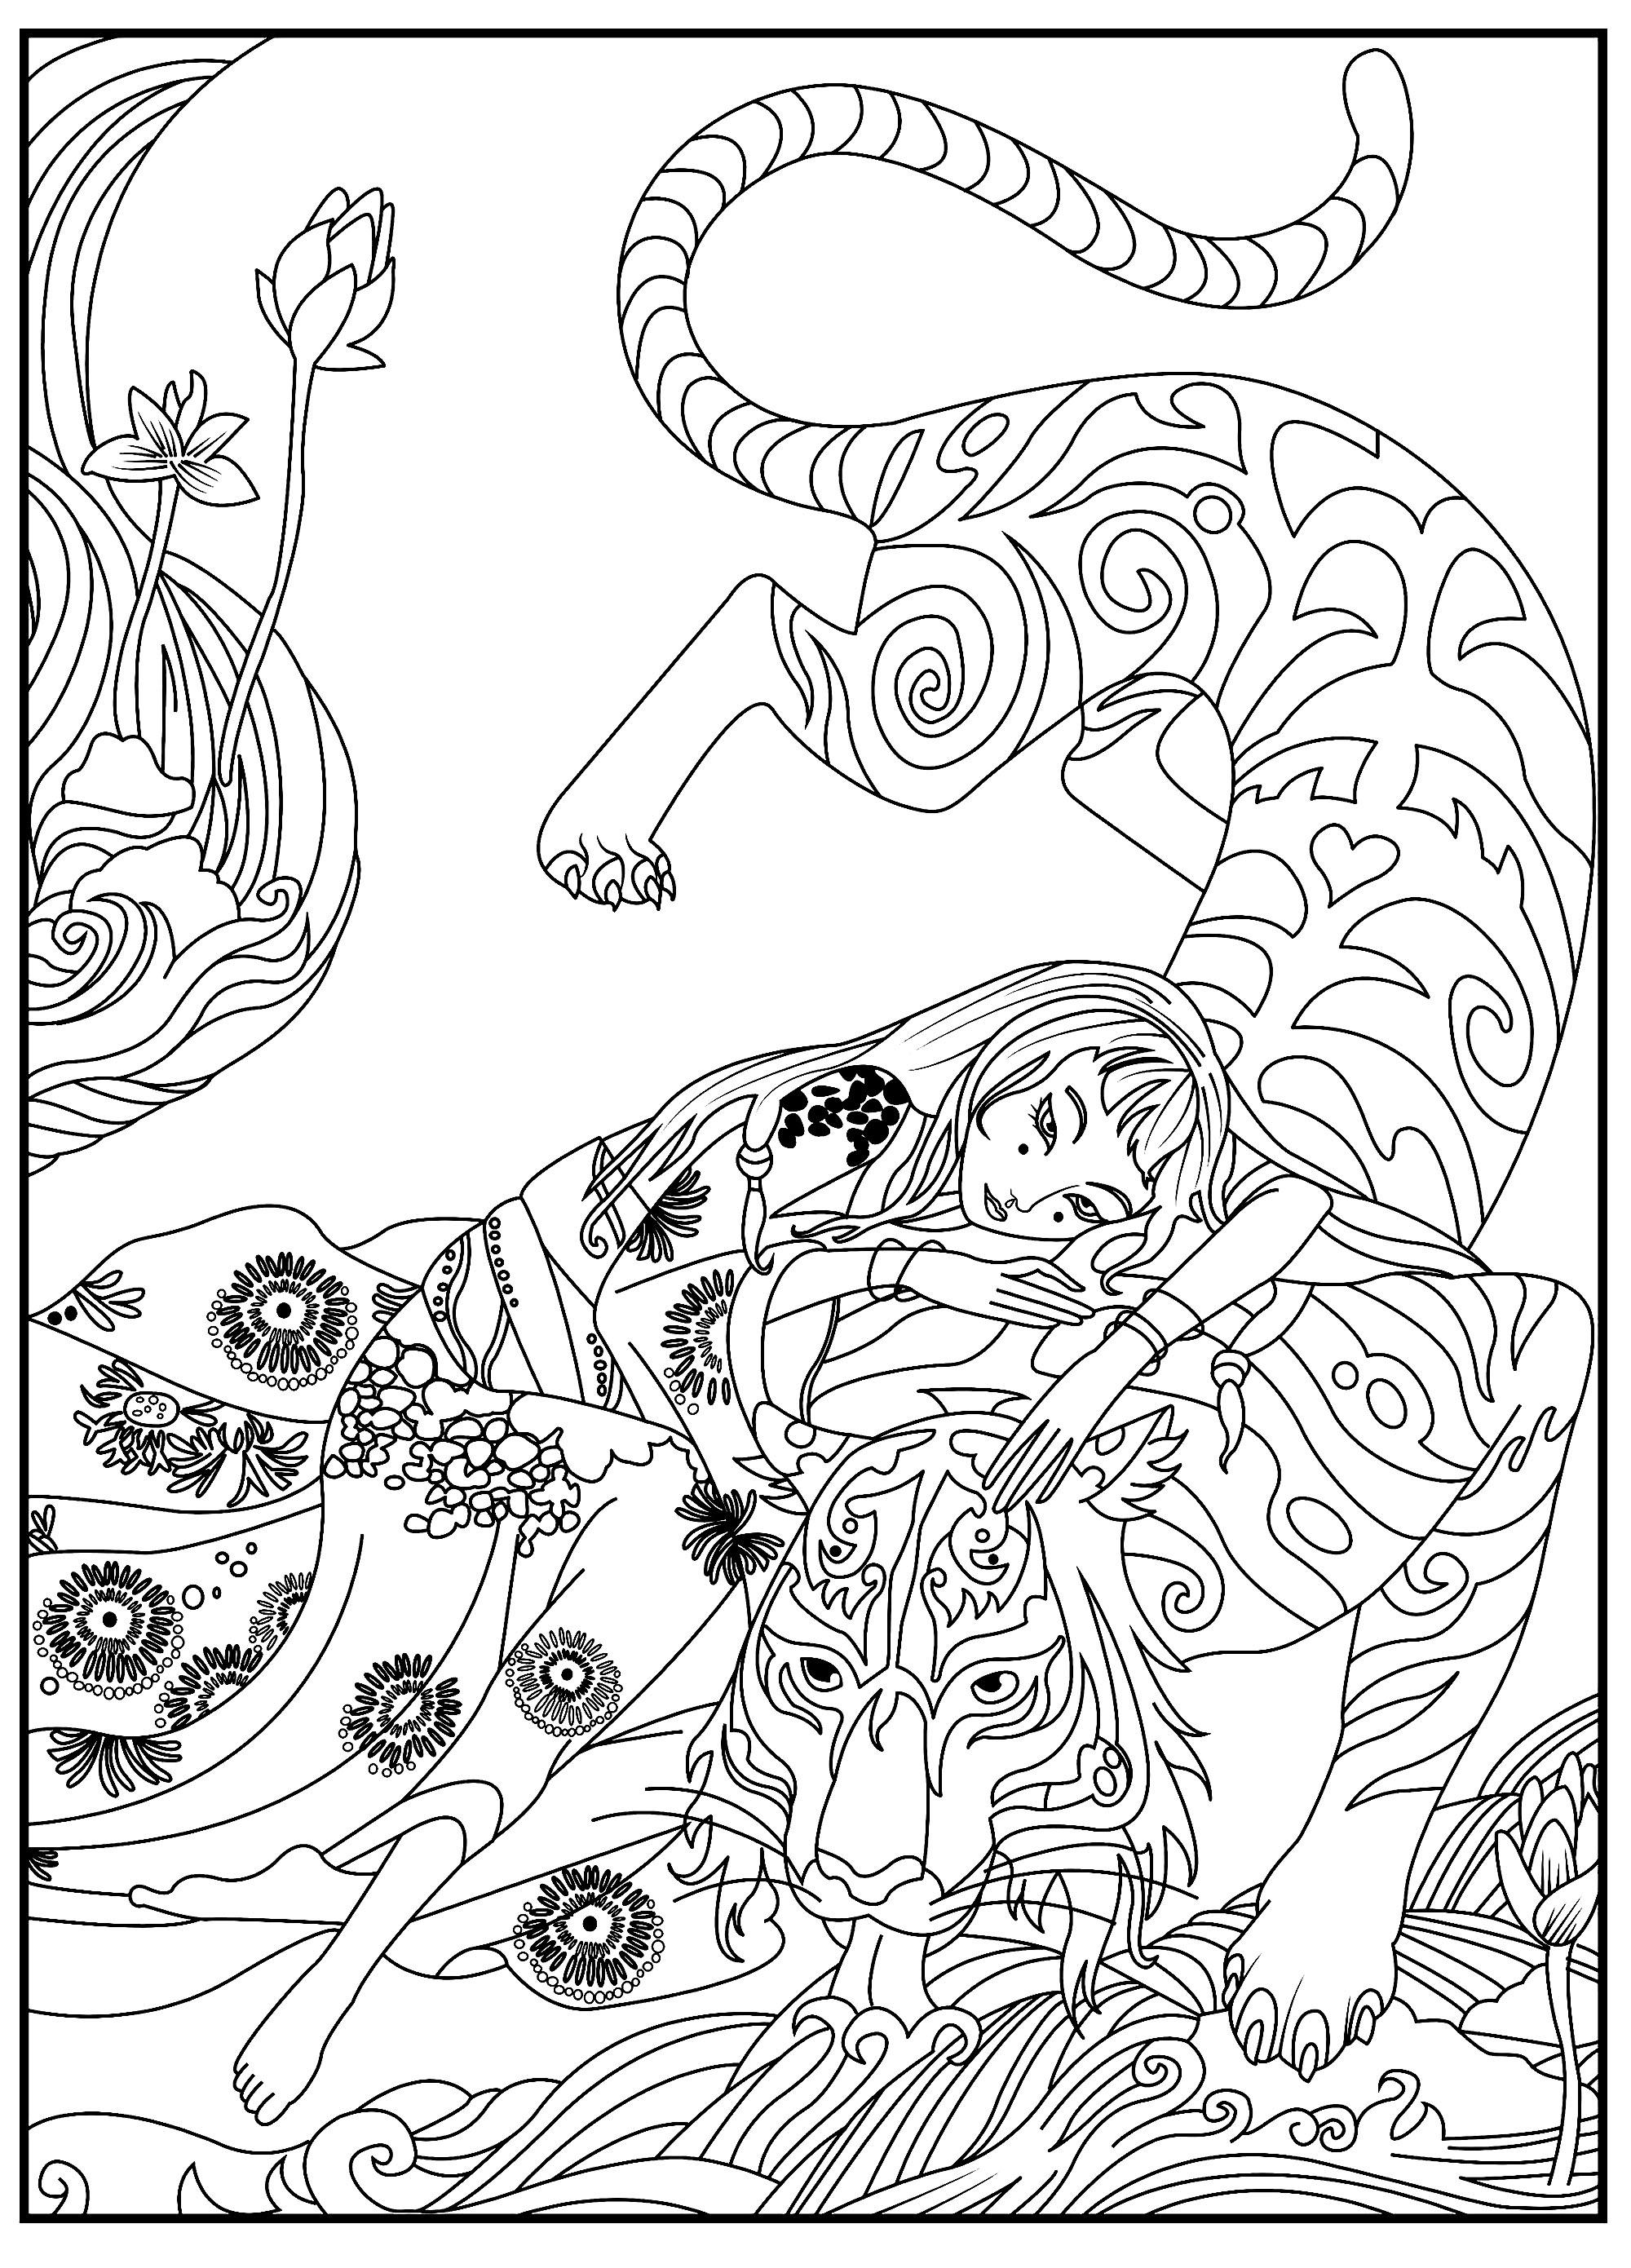 Image De Tigre A Imprimer Et Colorier Coloriage De Tigres Coloriages Pour Enfants